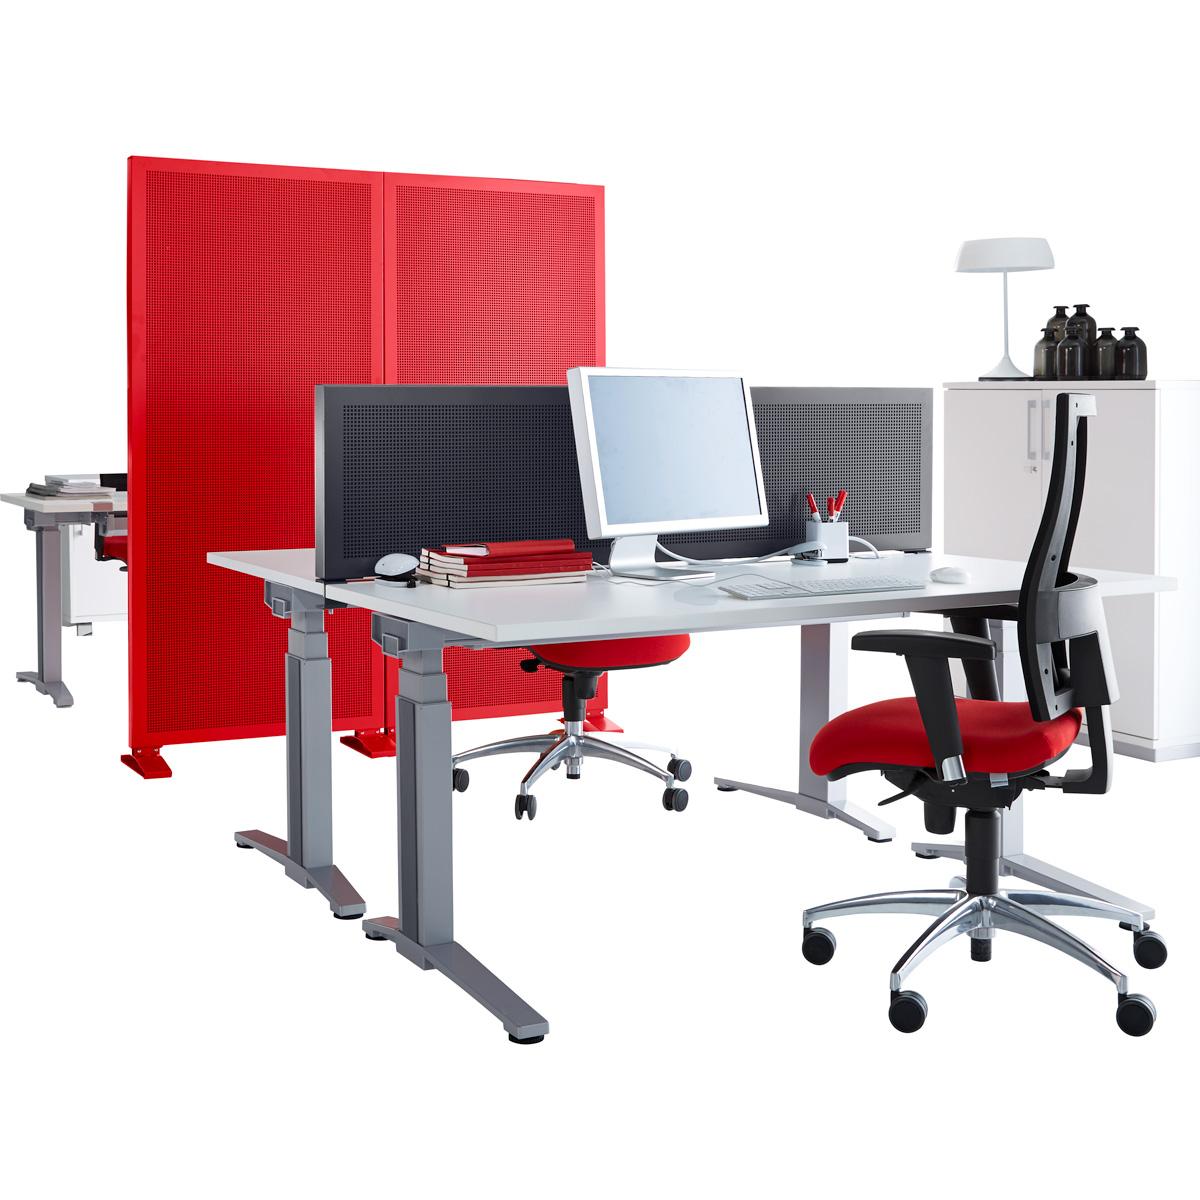 Tisch-Trennwand 1600×400 mm, Graphit – Schäfer Shop Fundgrube